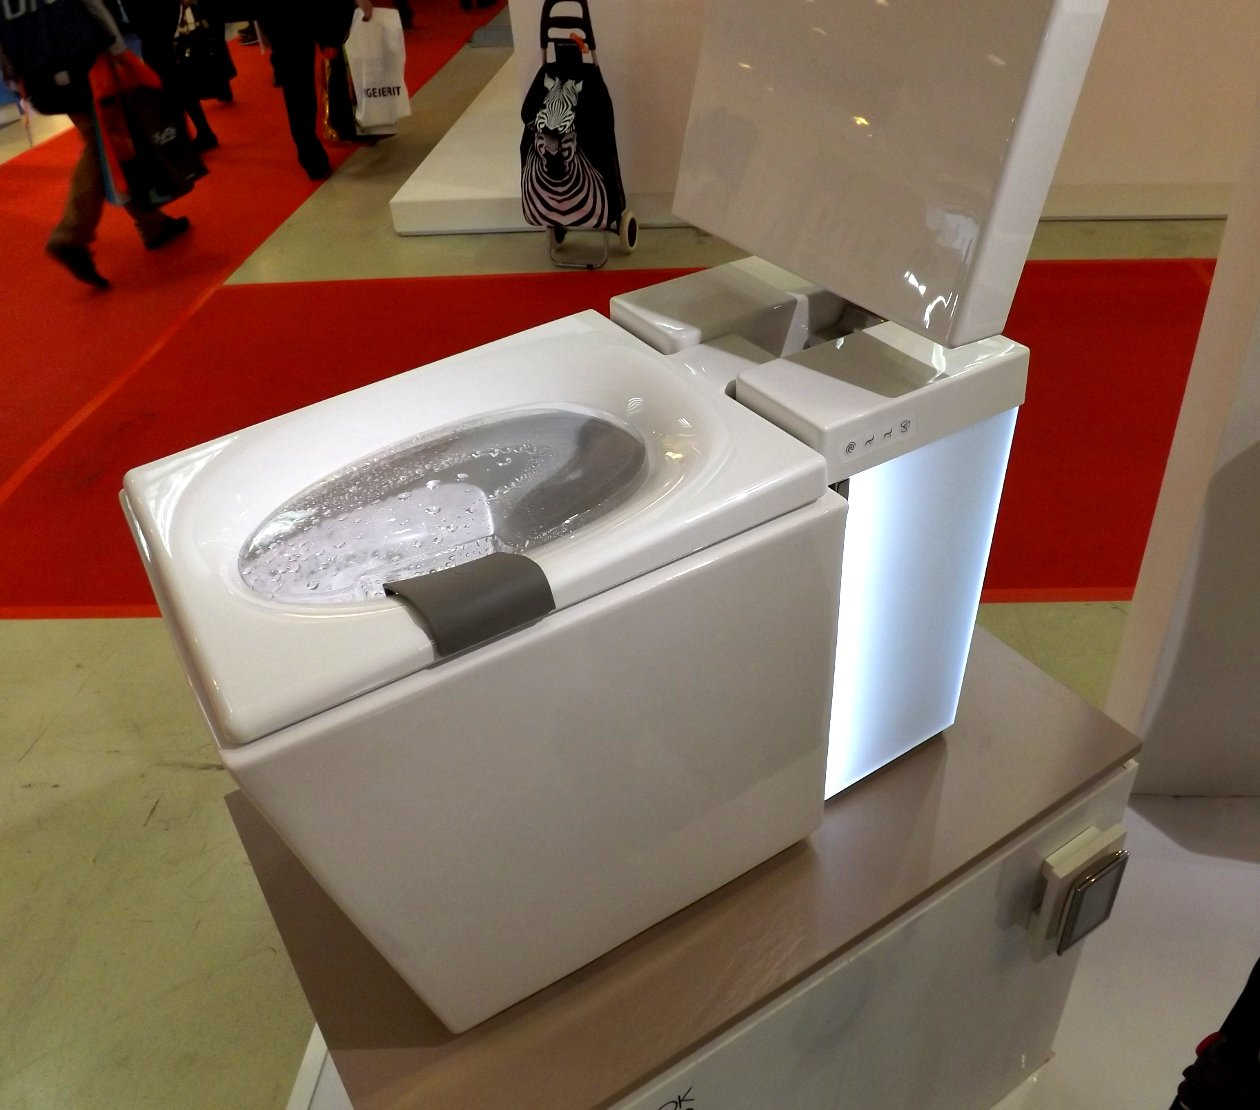 Модные тренды сантехники и аксессуаров для ванной 2016: унитаз со встроенным биде на экспозиции от Jacob Delafon и Kohler во время выставки MosBuild